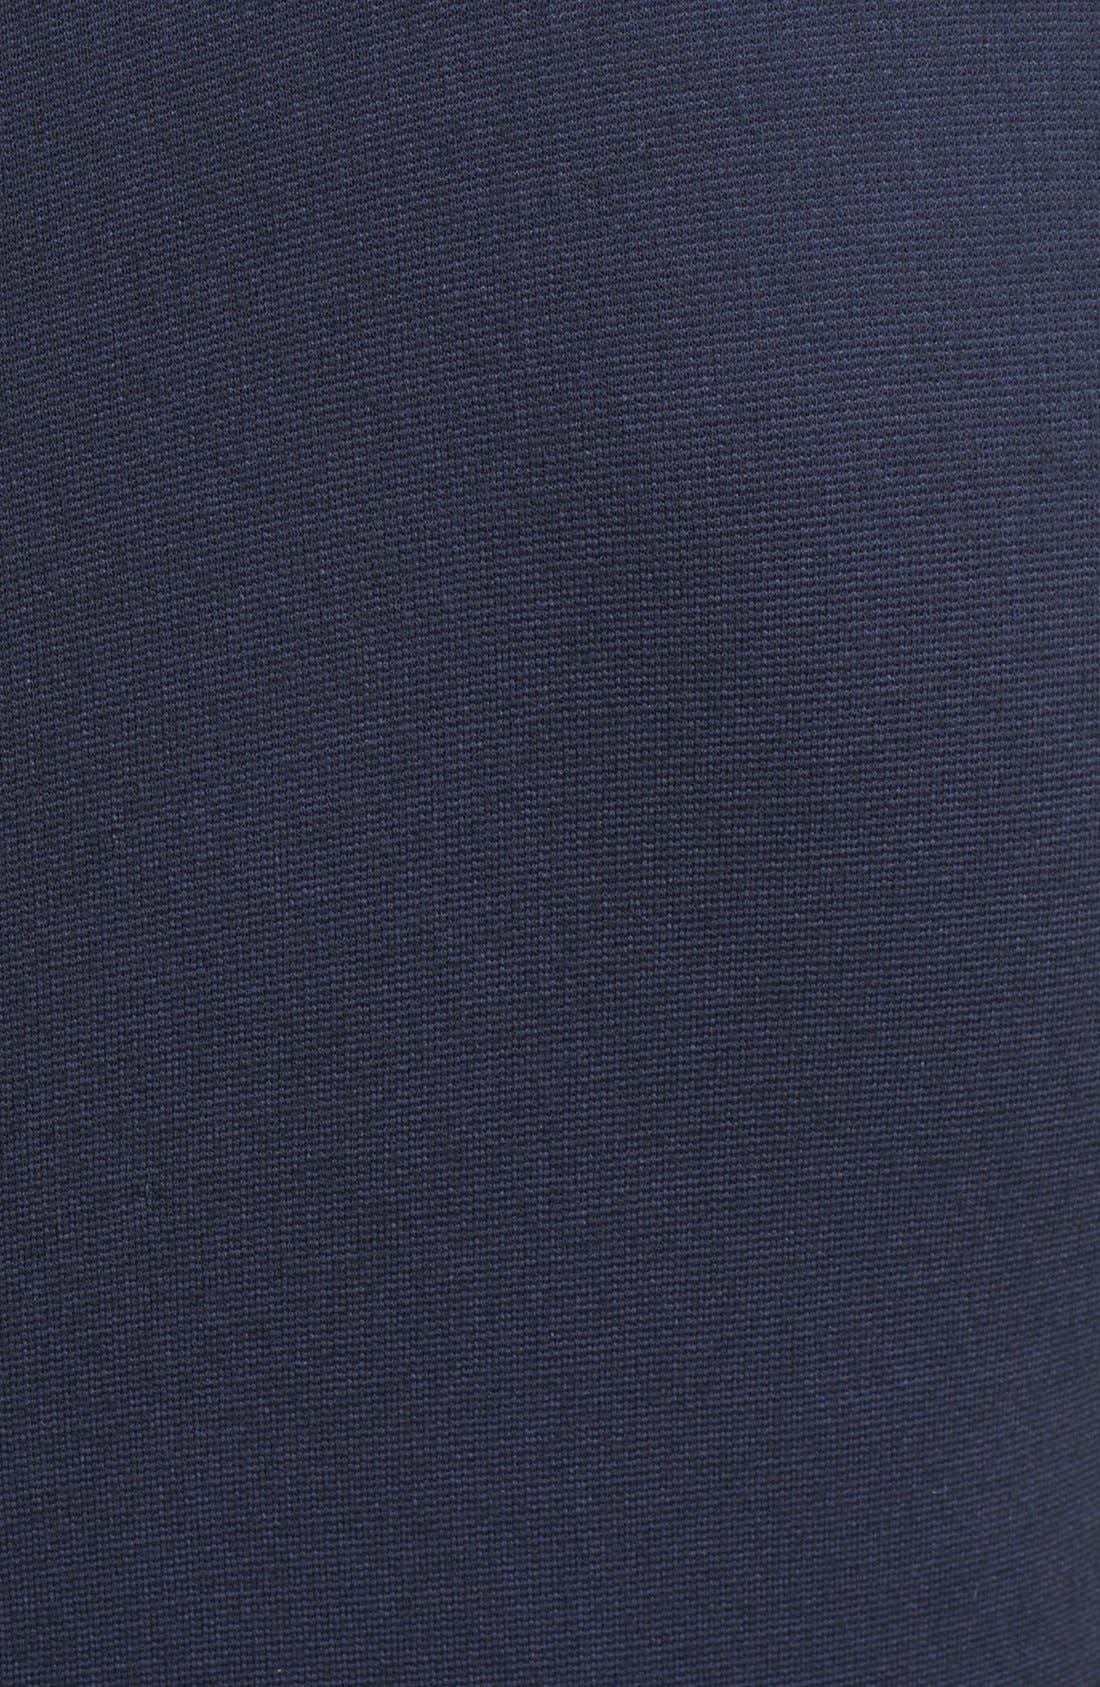 Alternate Image 3  - Armani Collezioni Ruched Waist Matte Jersey Dress